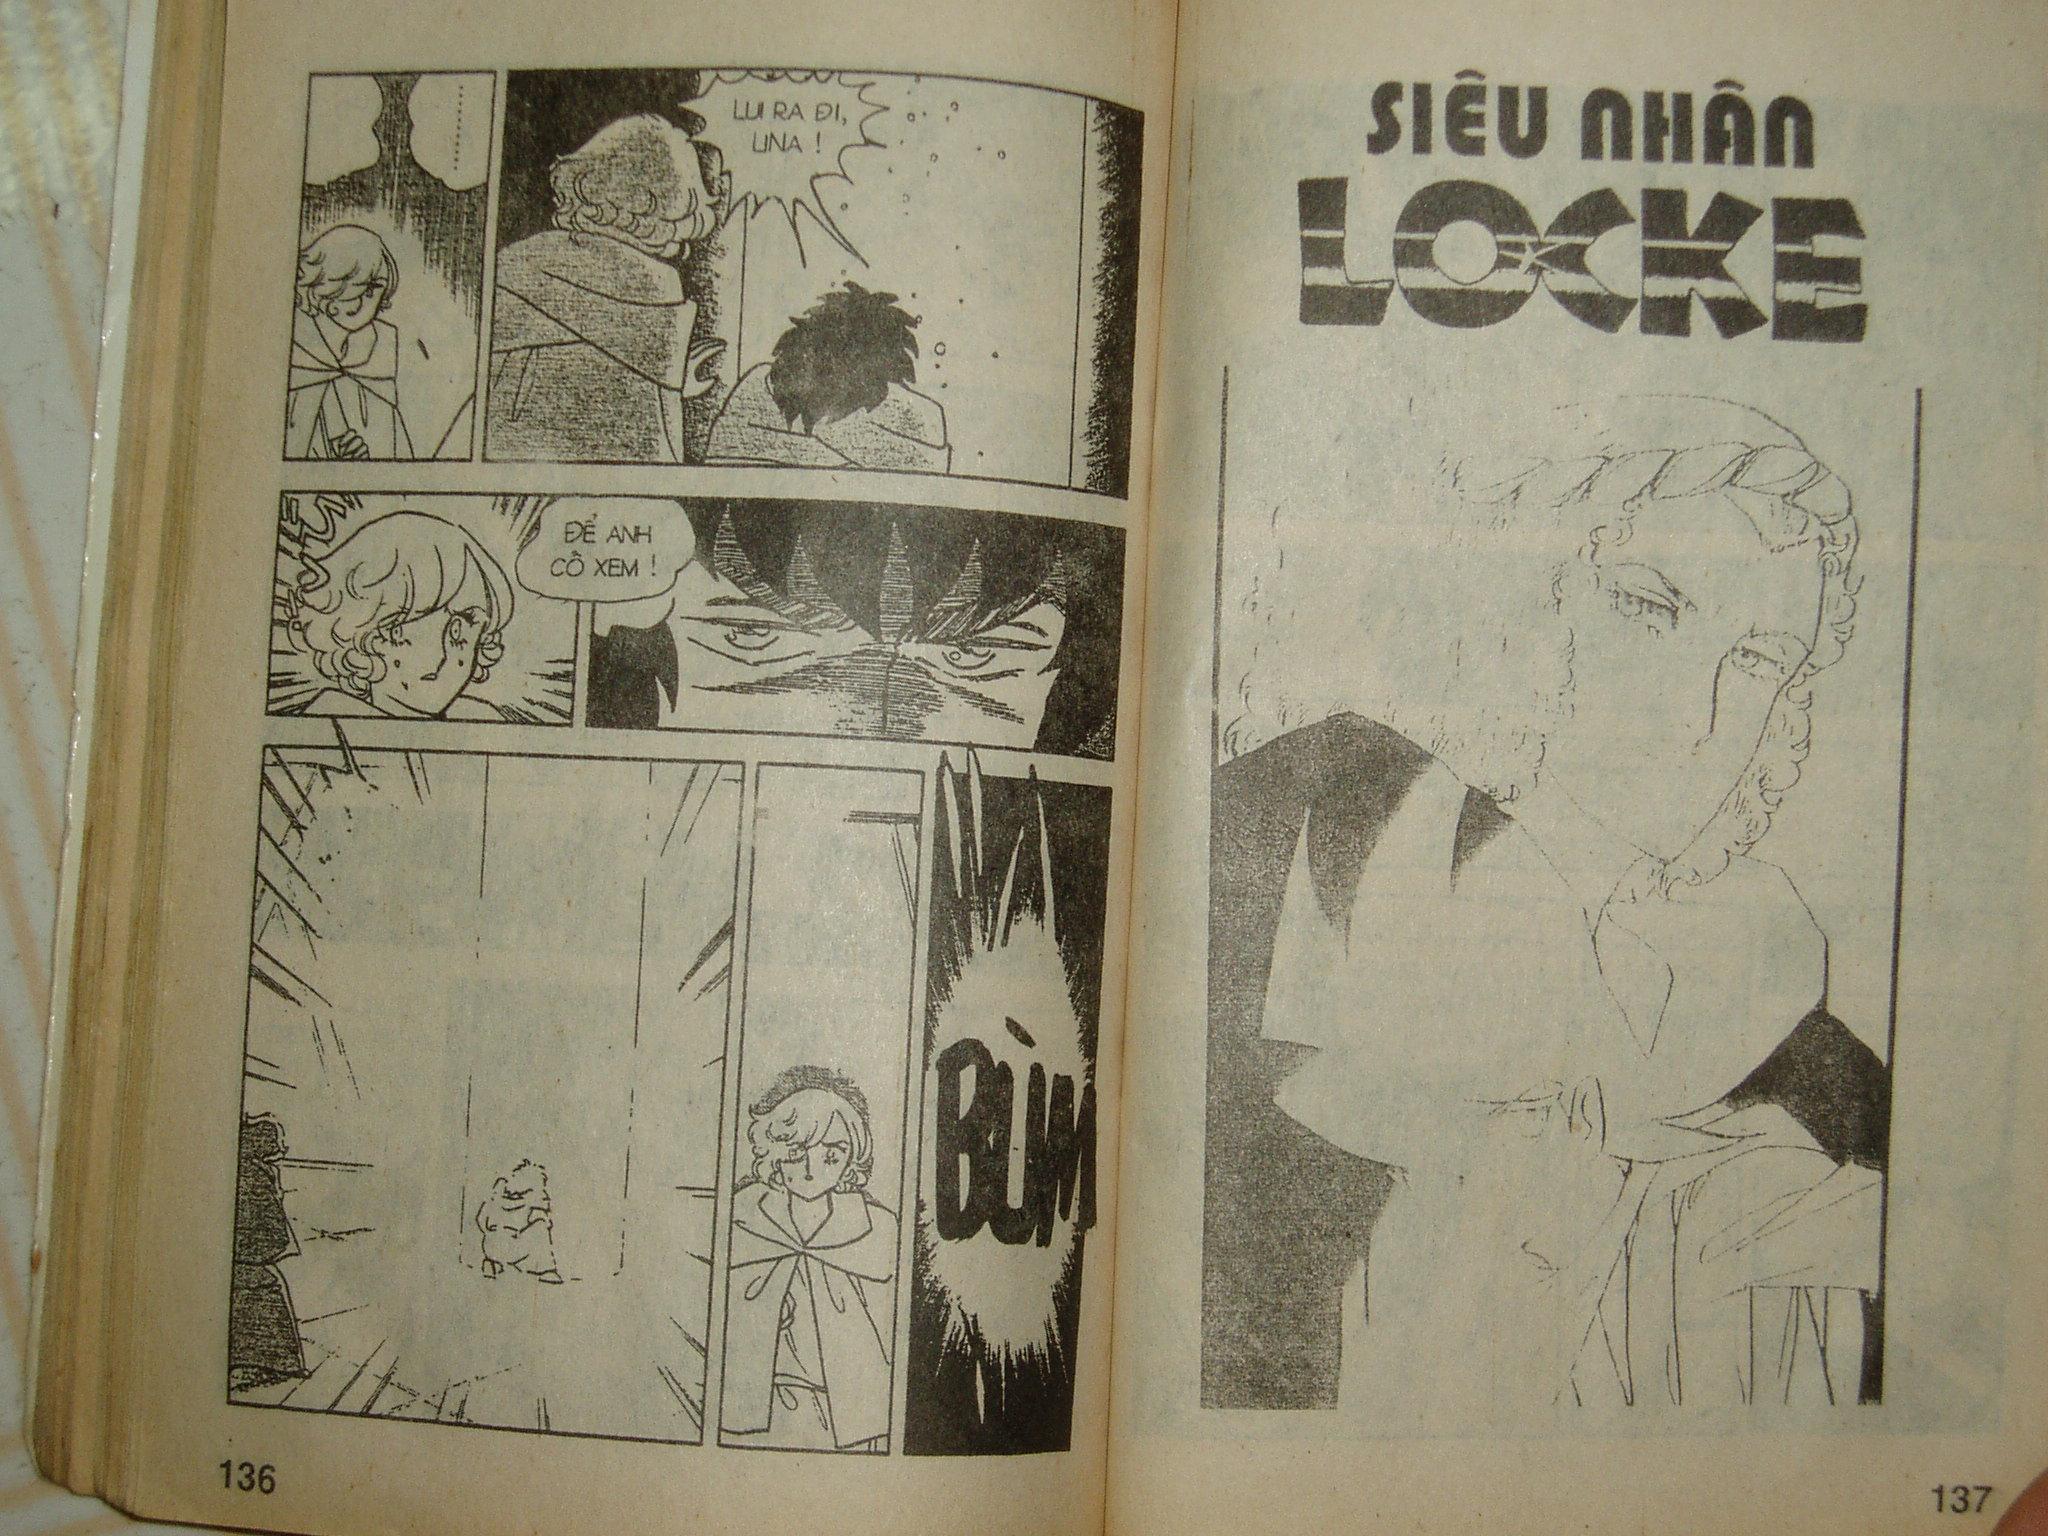 Siêu nhân Locke vol 17 trang 66